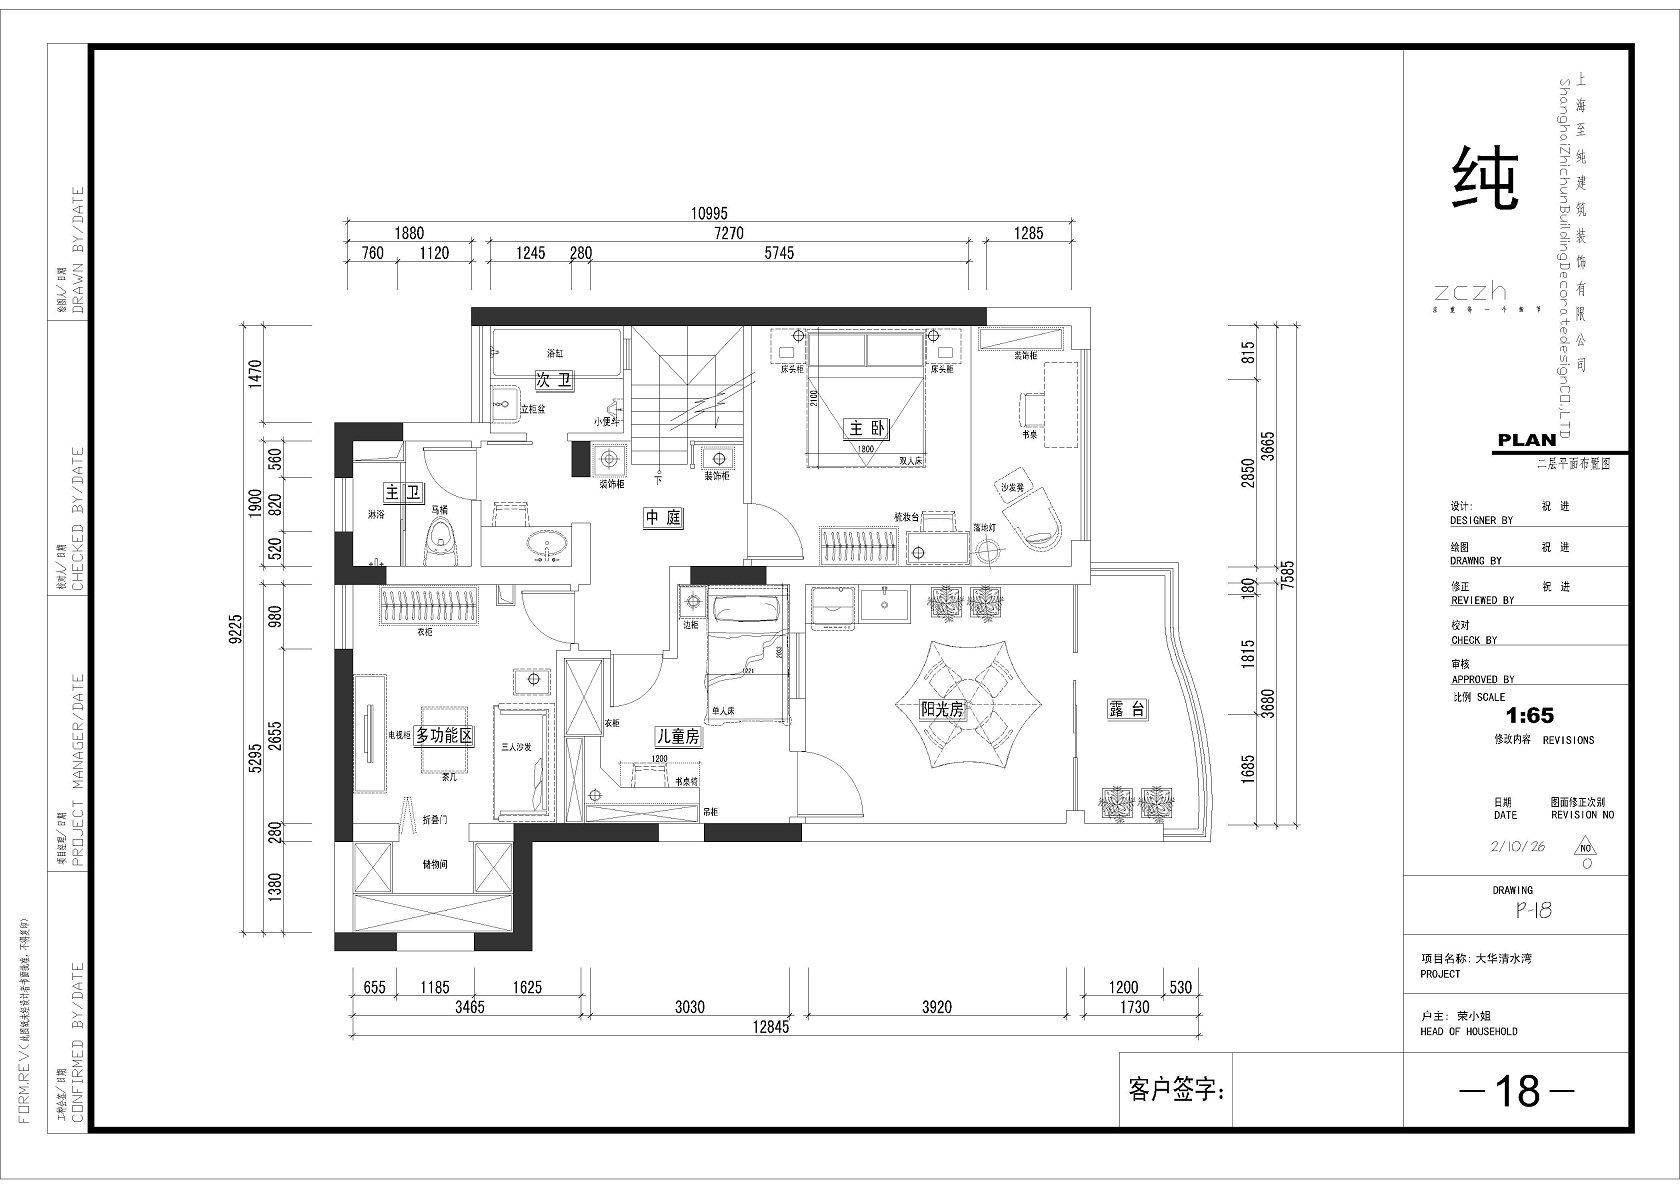 德国房子设计图我的世界房子设计图 120平方房子设计图1